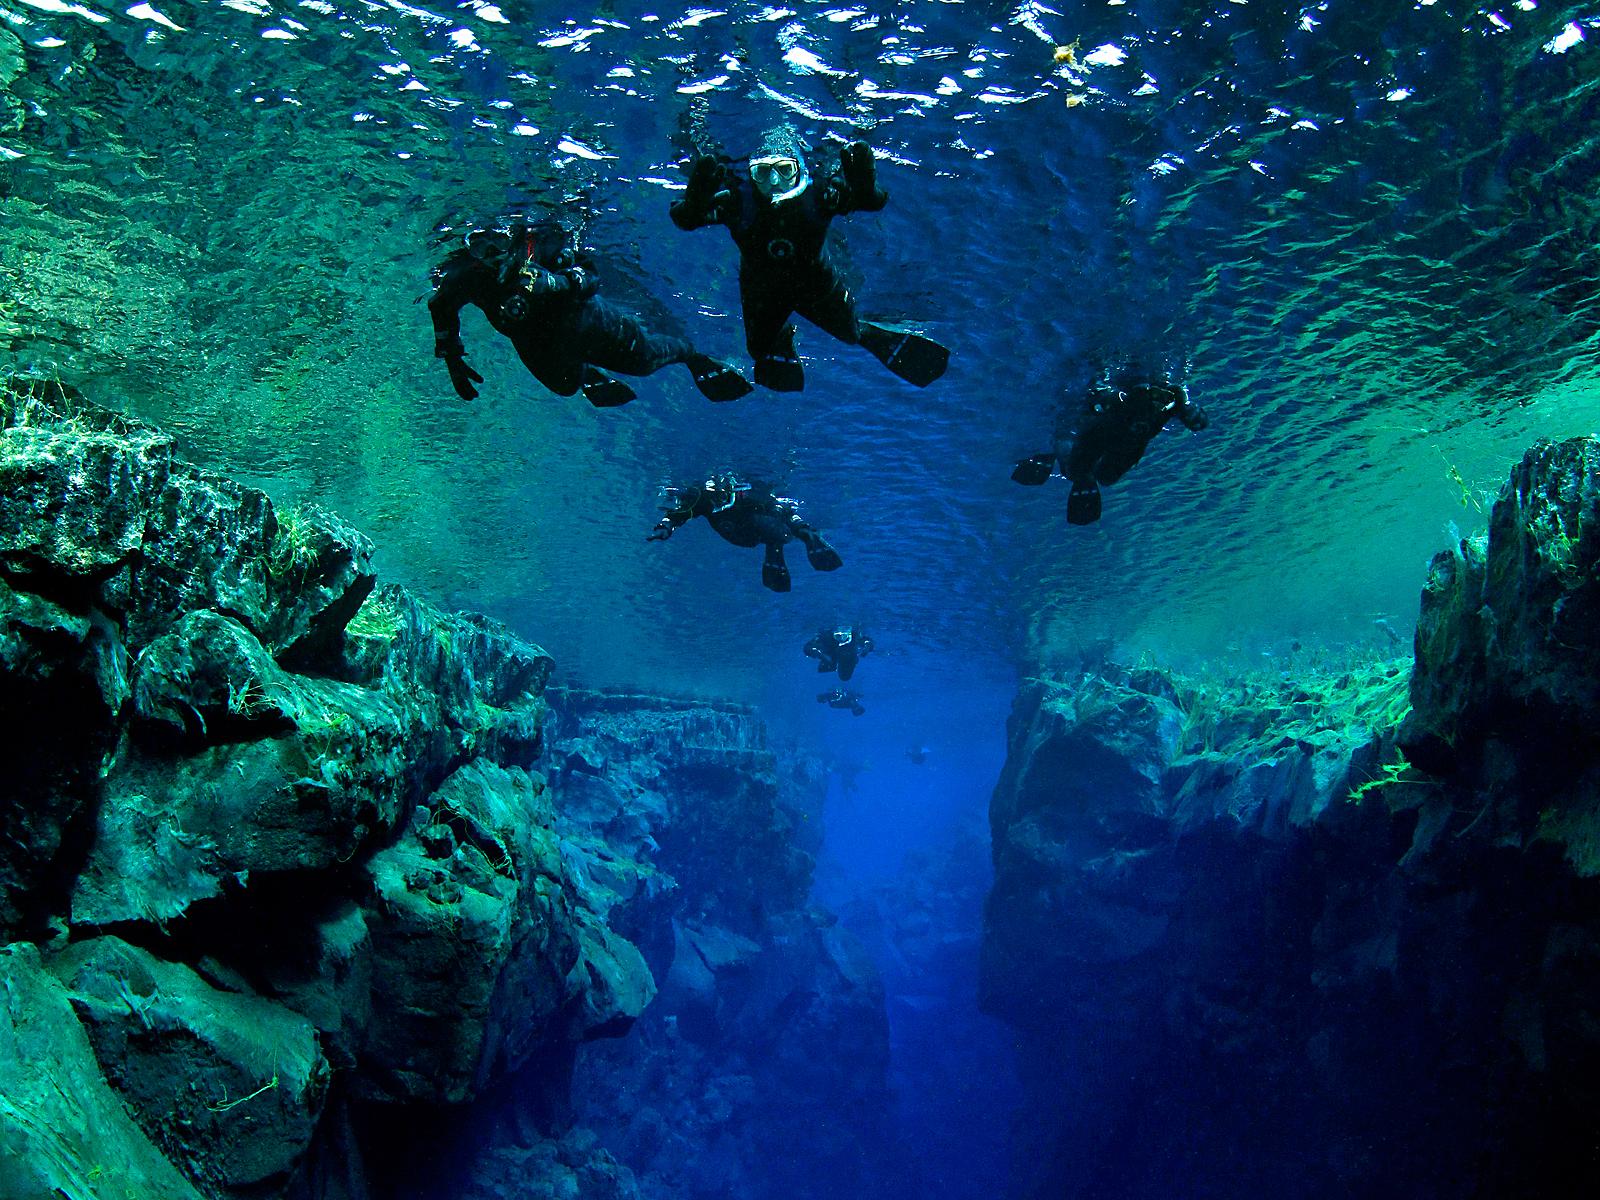 La grieta de Silfra se cita a menudo como uno de los 10 mejores sitios de buceo y snorkel en el mundo.